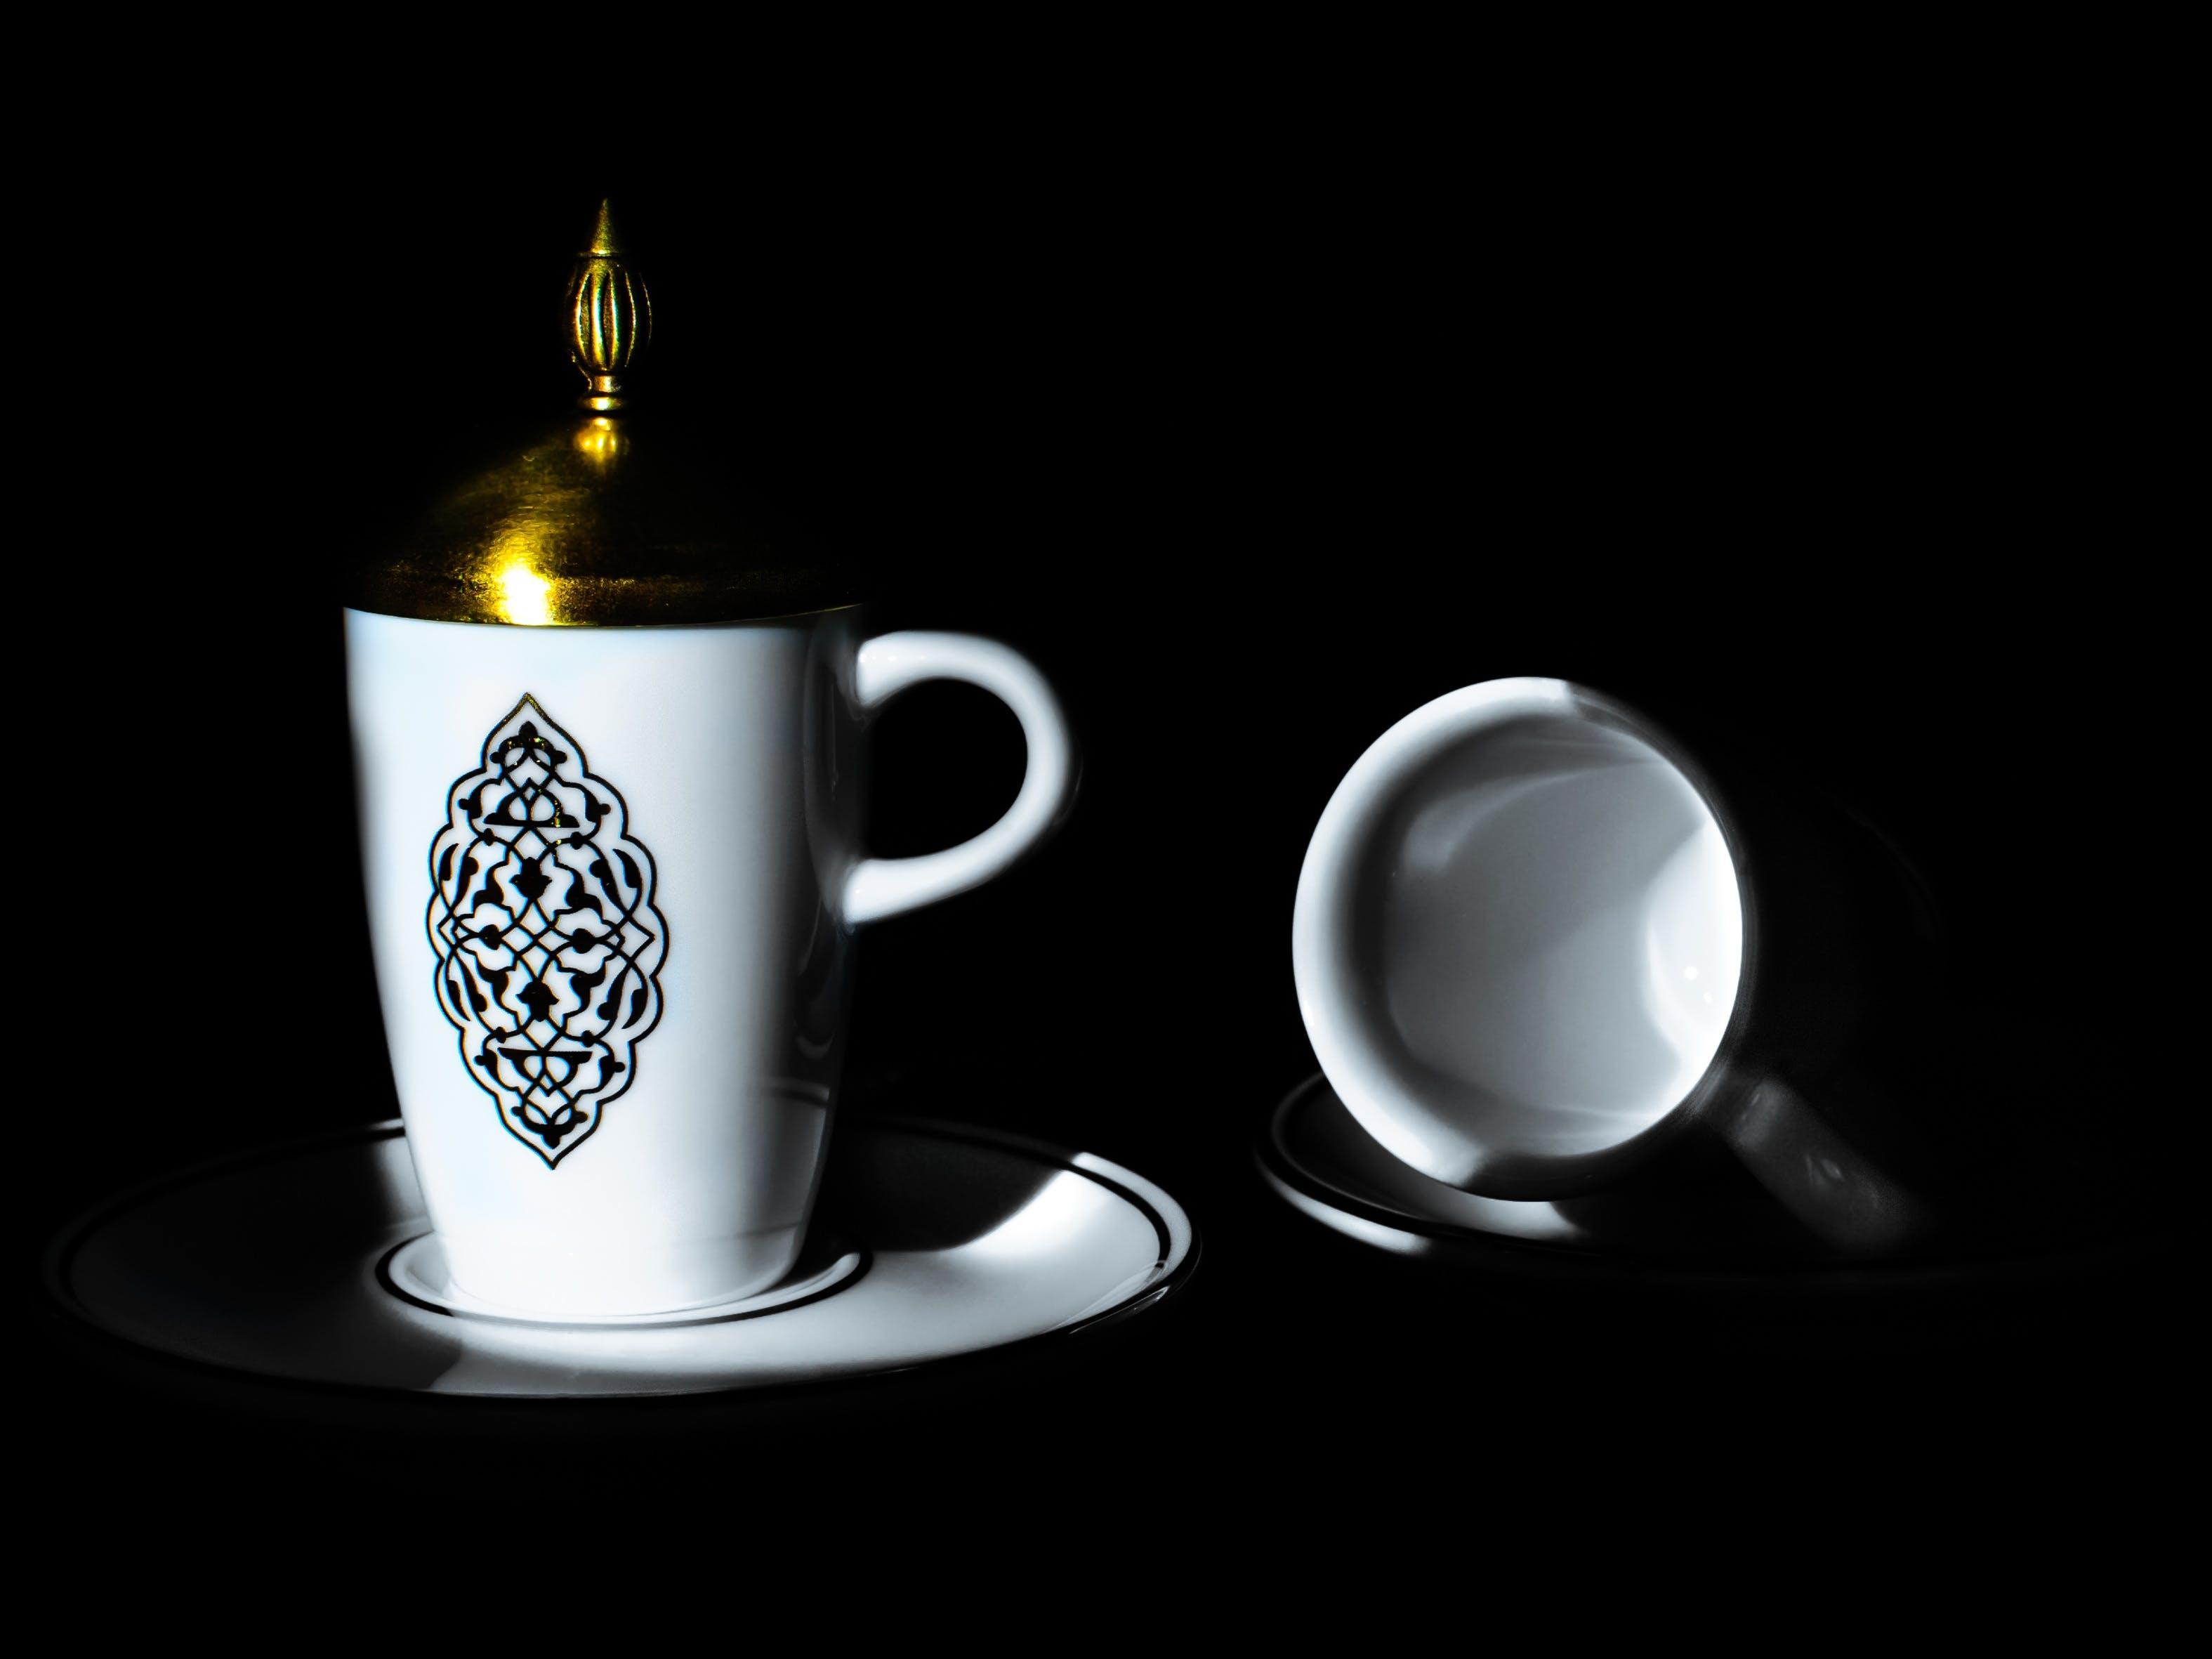 Kostenloses Stock Foto zu kunst, kaffee, tasse, becher